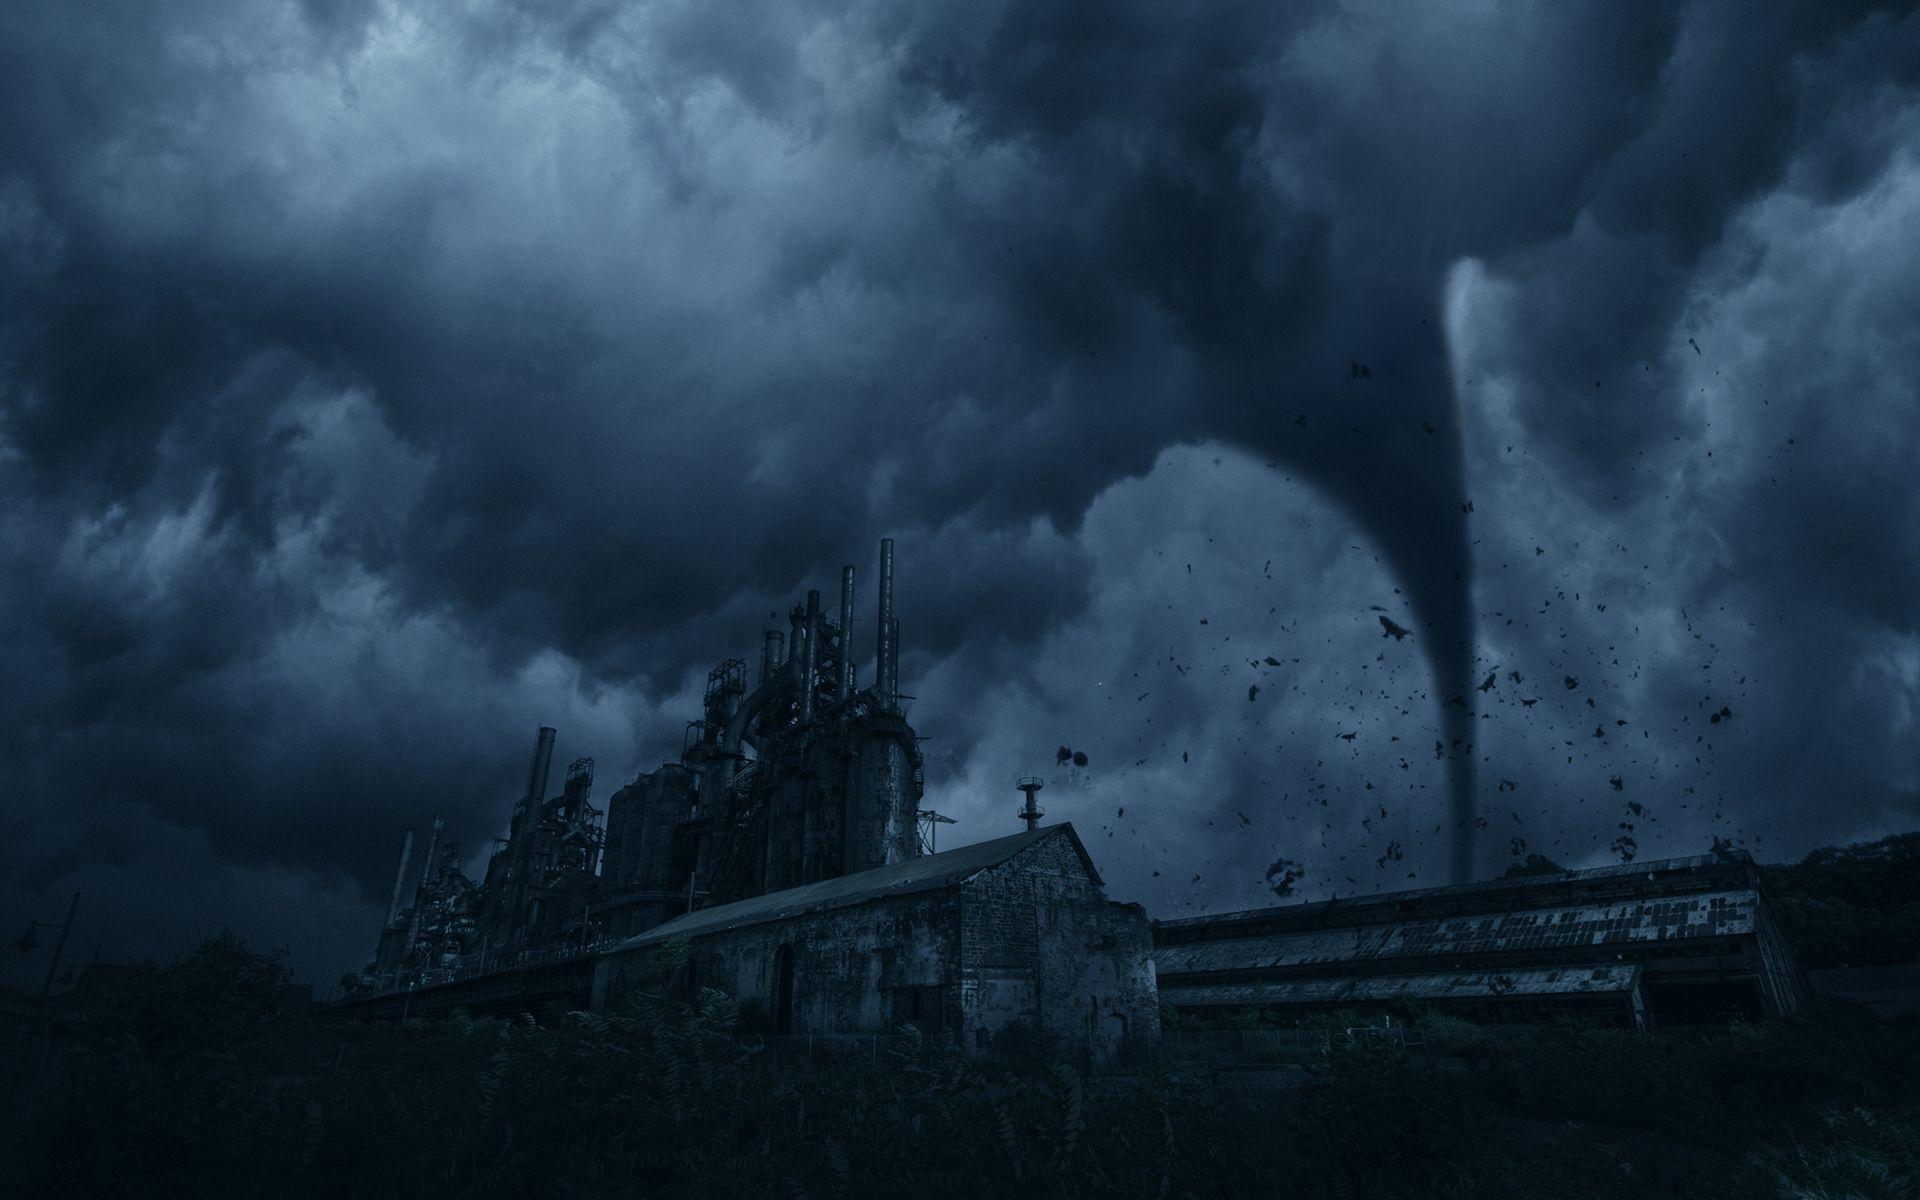 Tornado 0GQfklx